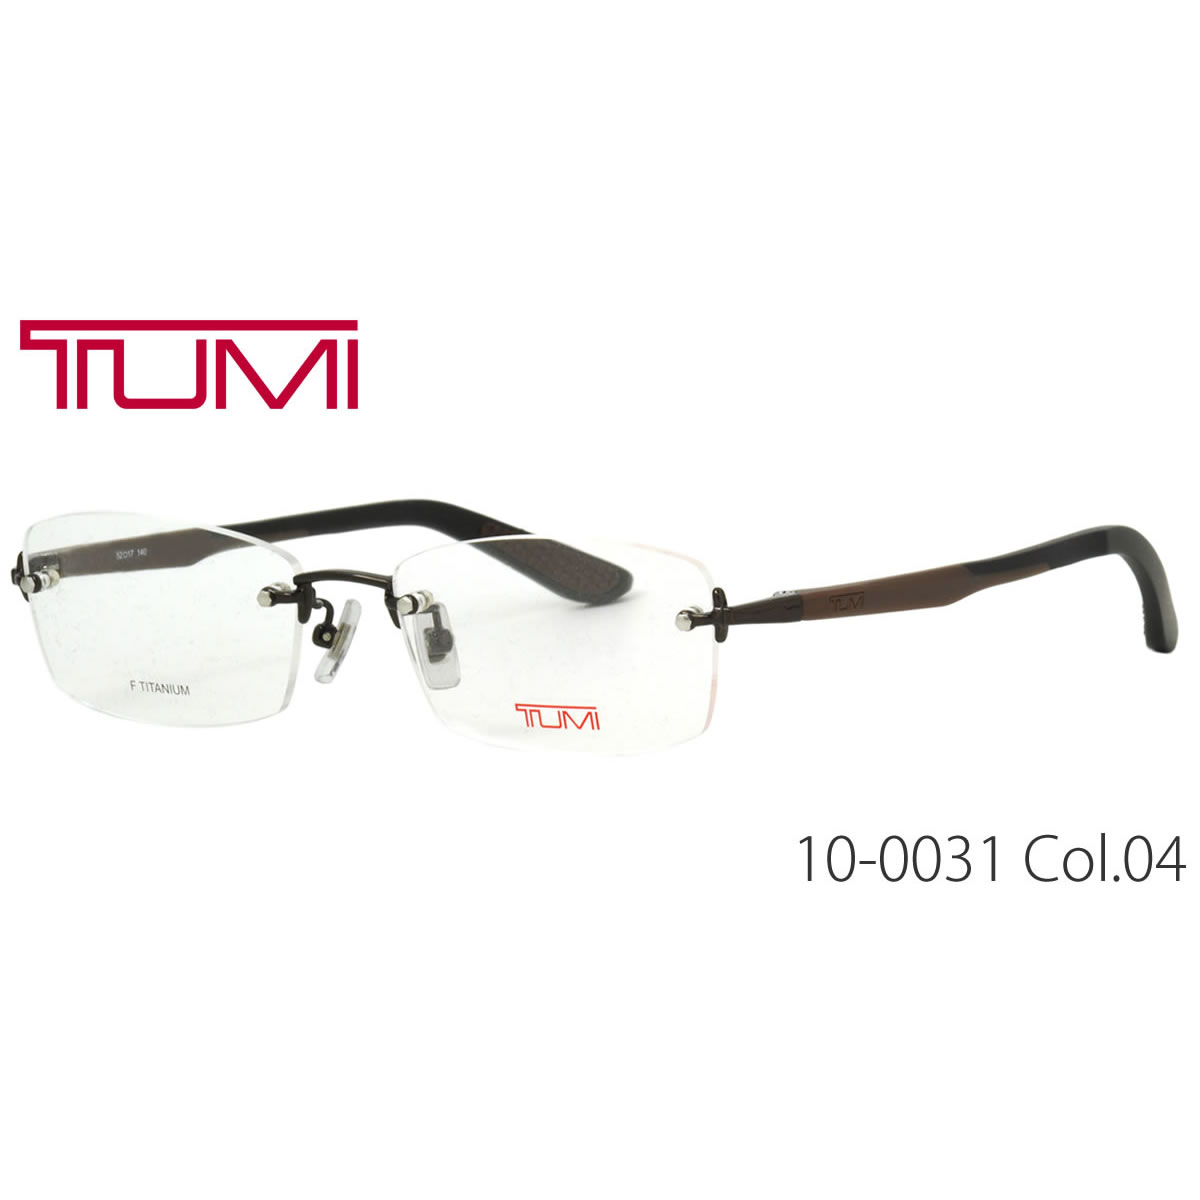 ポイント最大42倍!!お得なクーポンも !! トゥミ メガネ 10-0031 04 52サイズ TUMI ビジネスバッグで人気のブランド メンズ